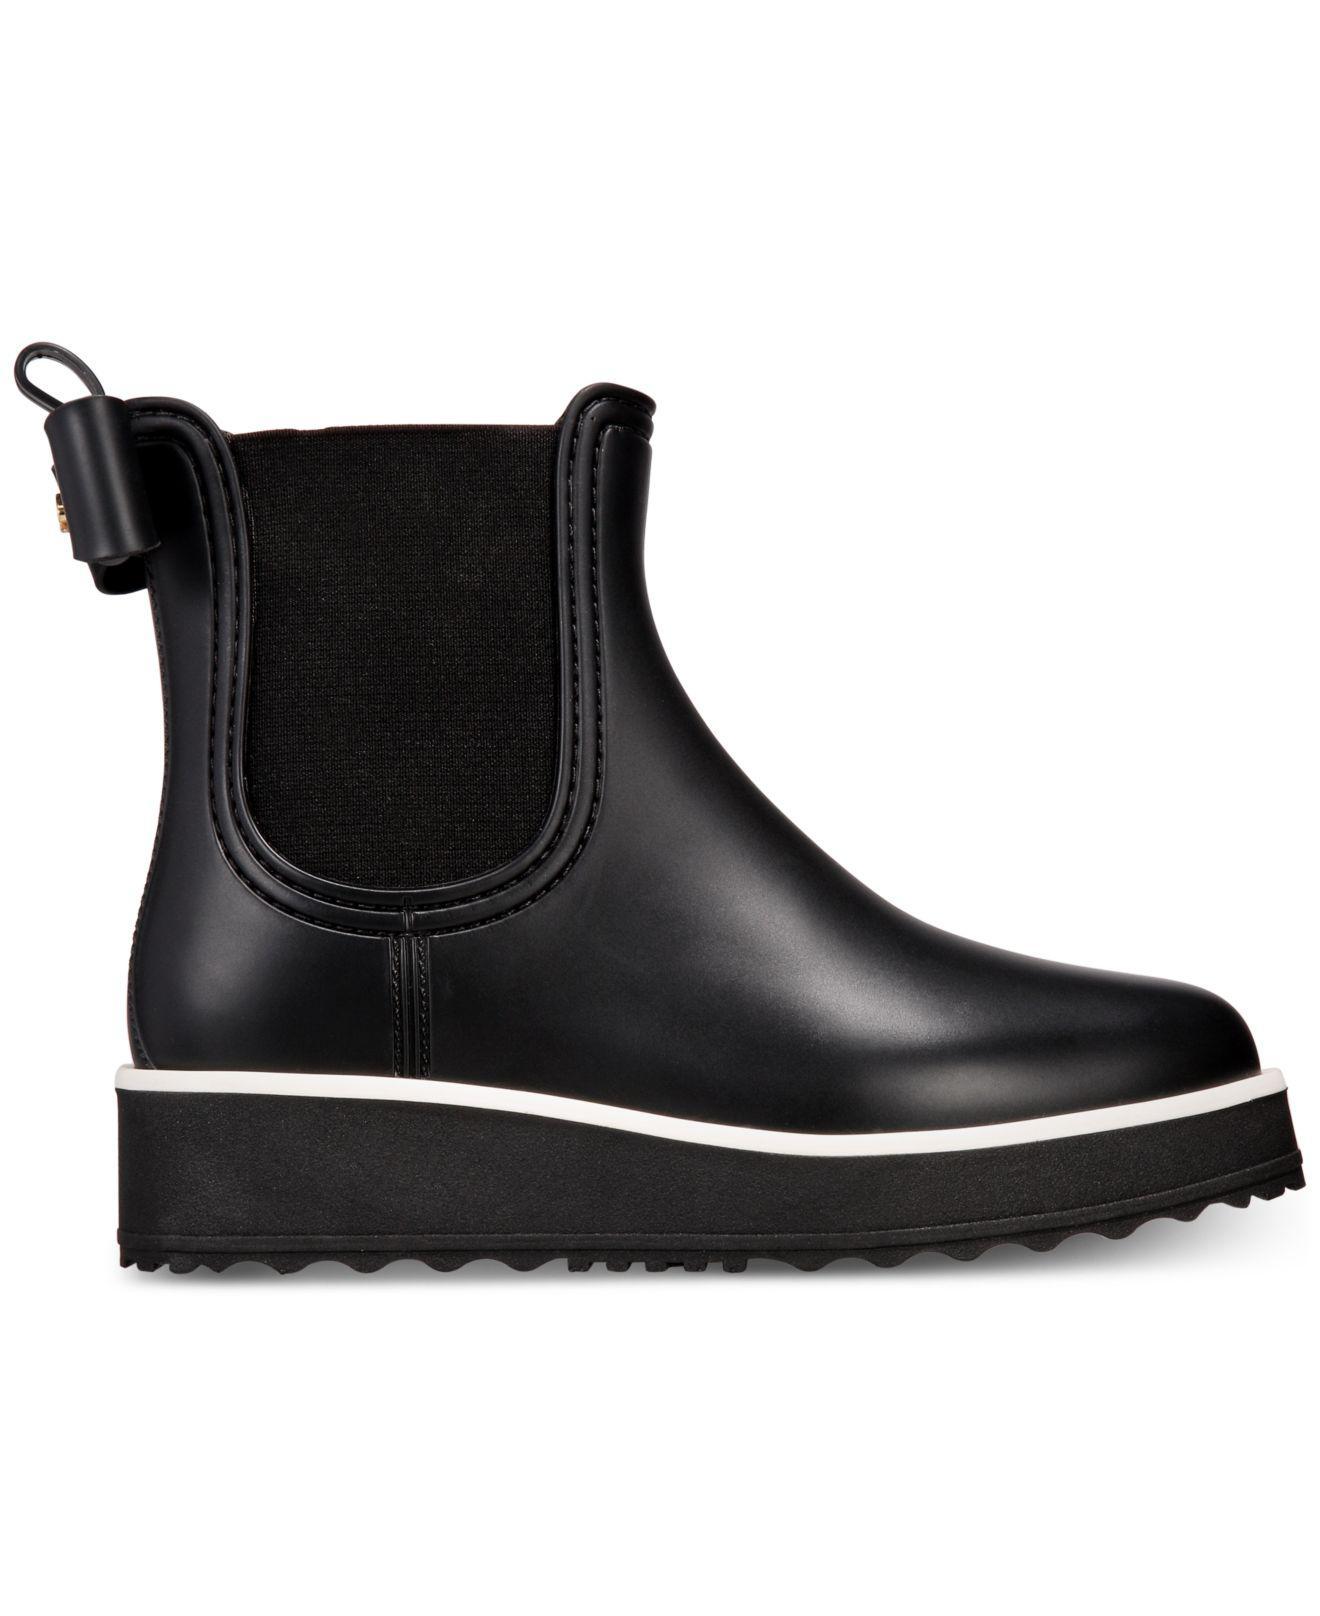 Kate Spade Rubber Malcom Rain Shoe In Black - Lyst-8493